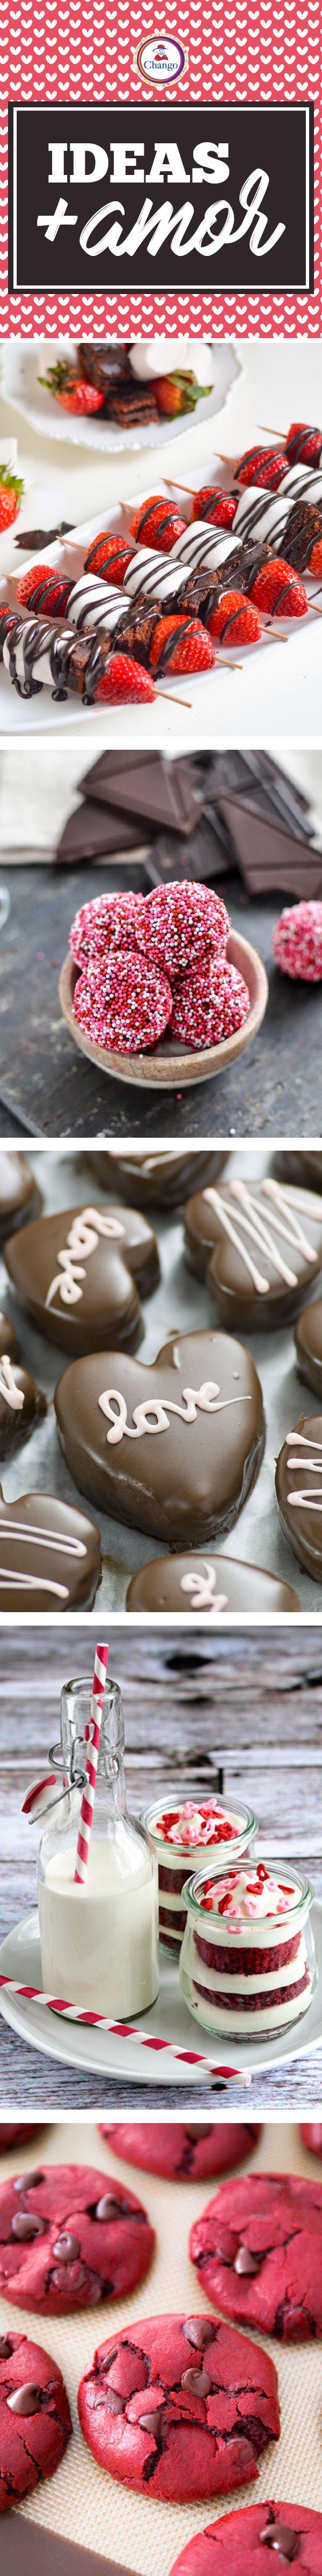 Te compartimos estas ideas súper románticas para que sorprendas a esa persona especial en este día :)